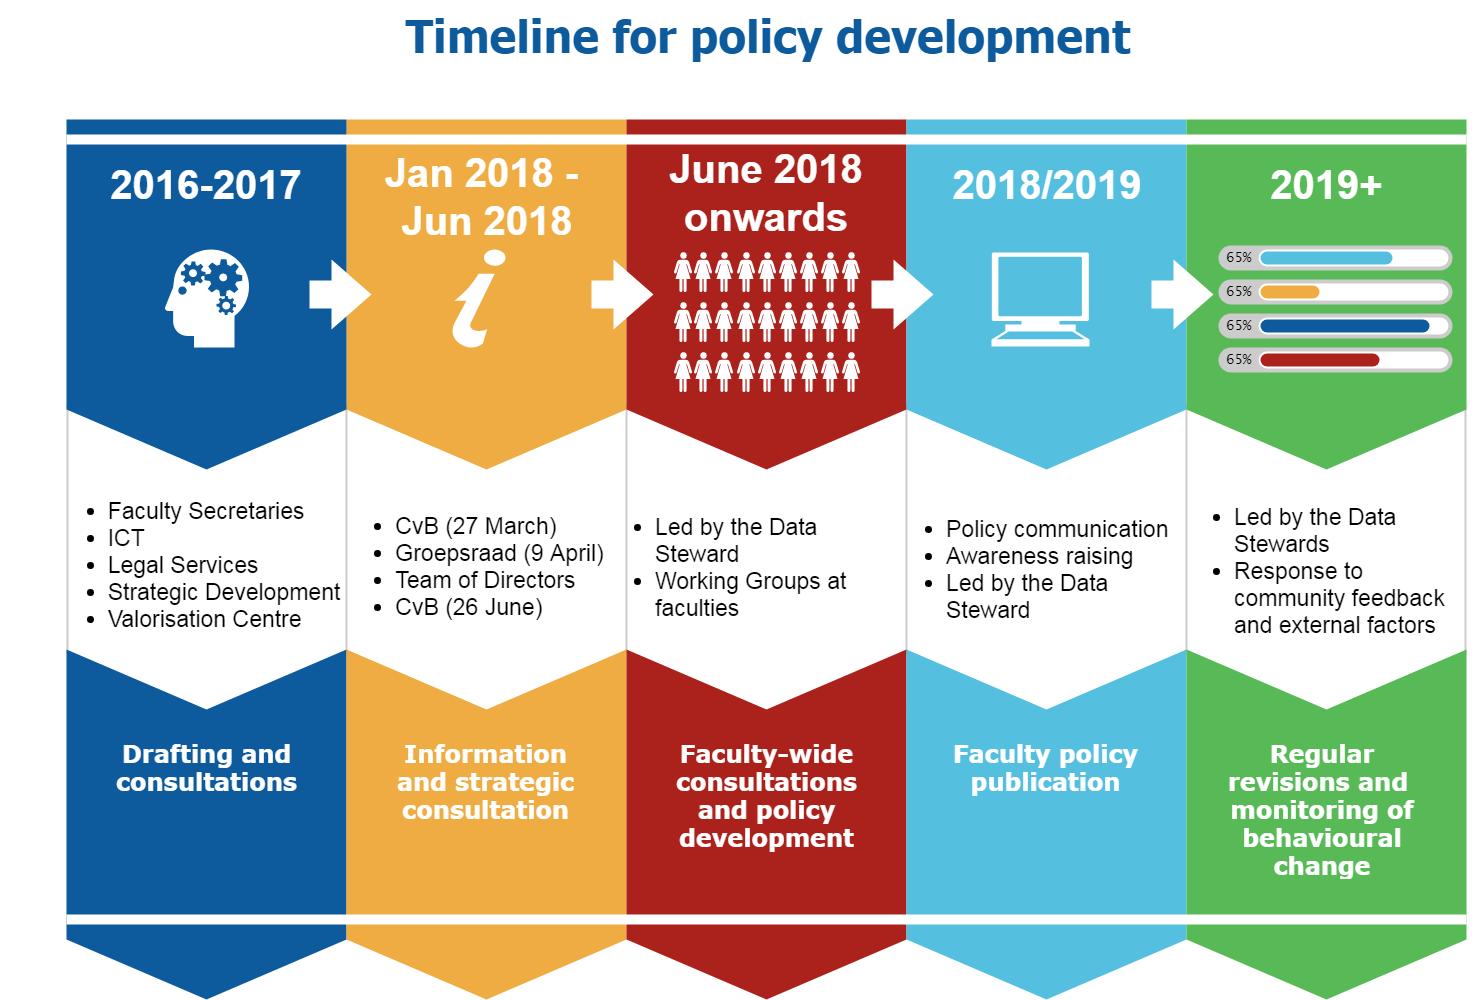 20180628 Policy development timeline